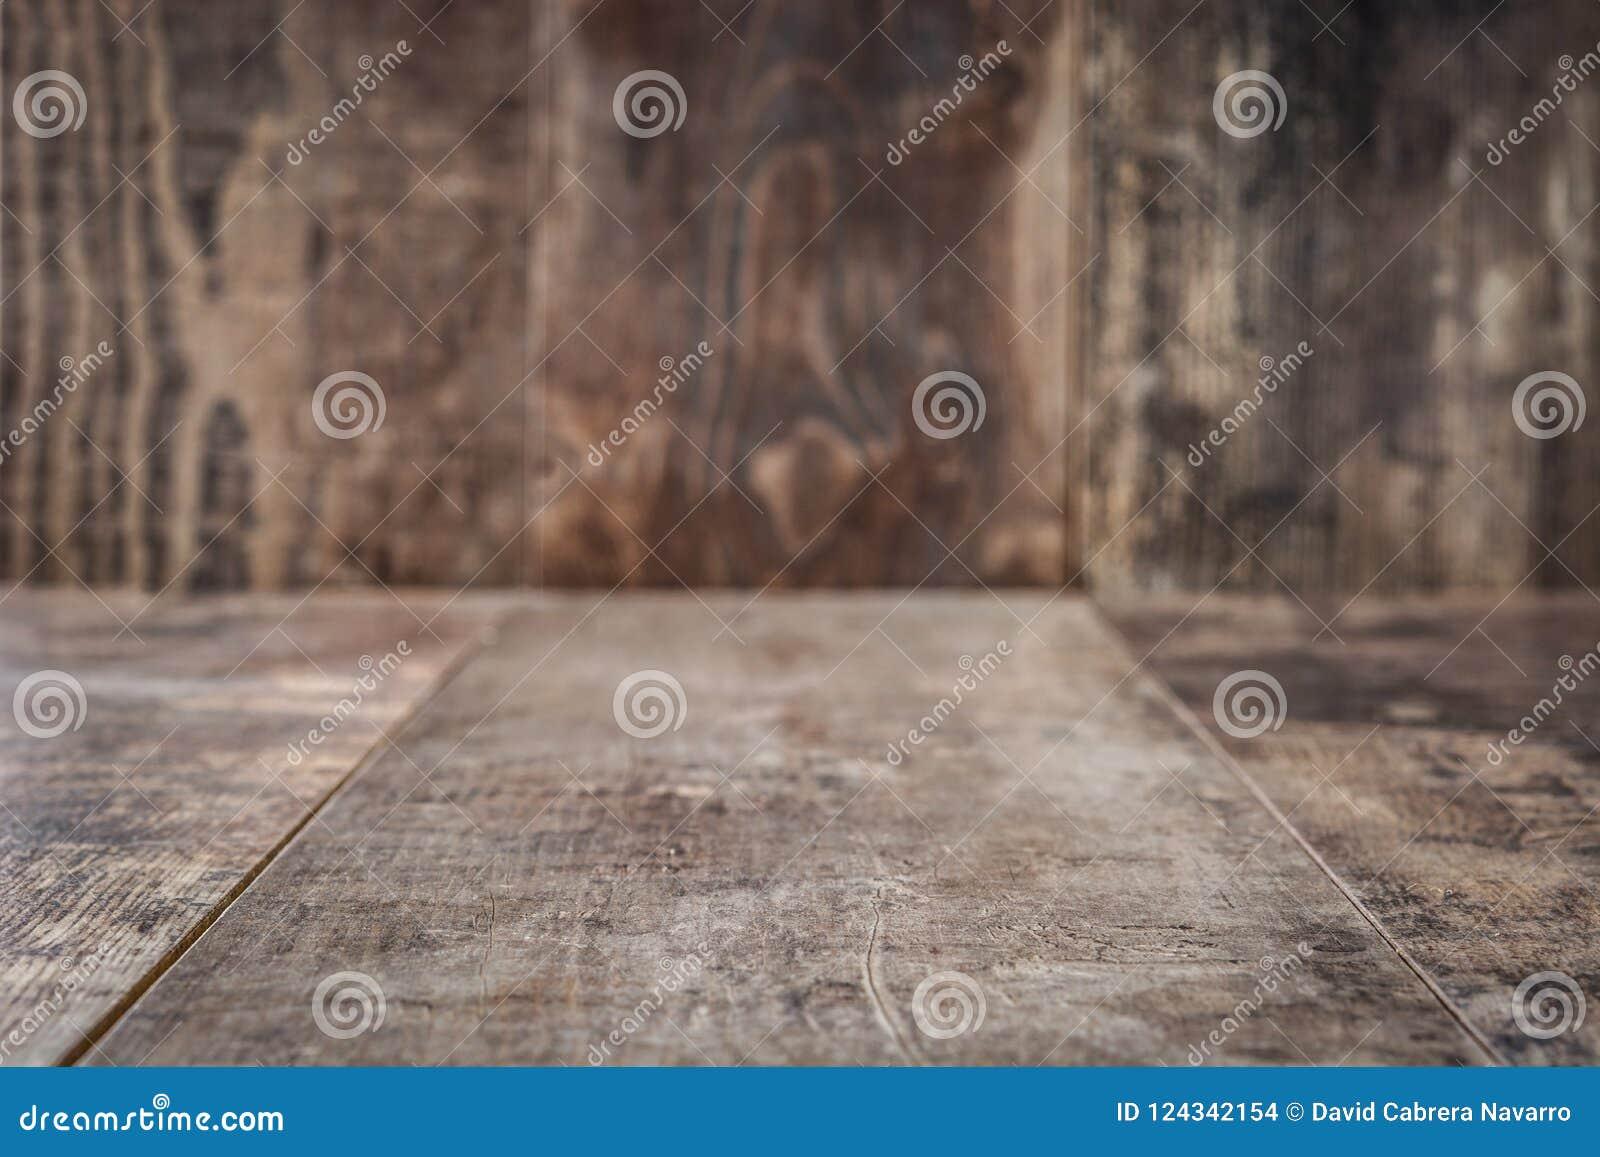 Деревенская предпосылка деревянного стола пусто